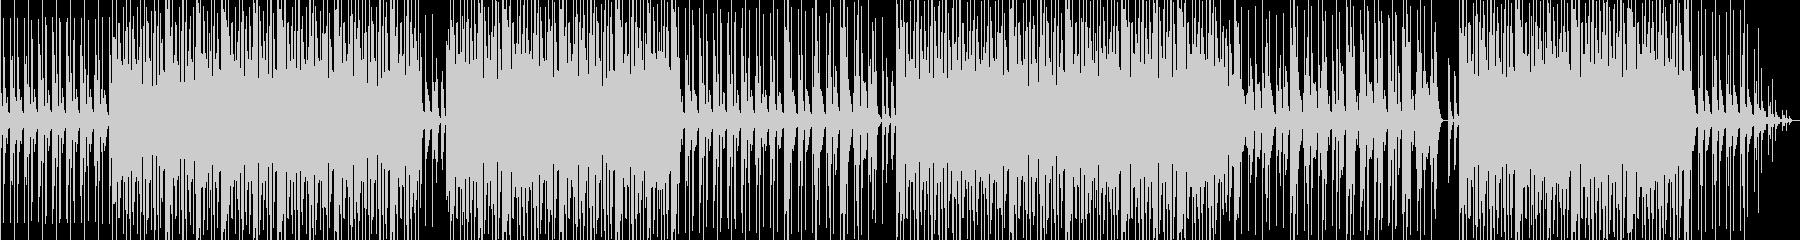 明るめアシッドジャズの未再生の波形